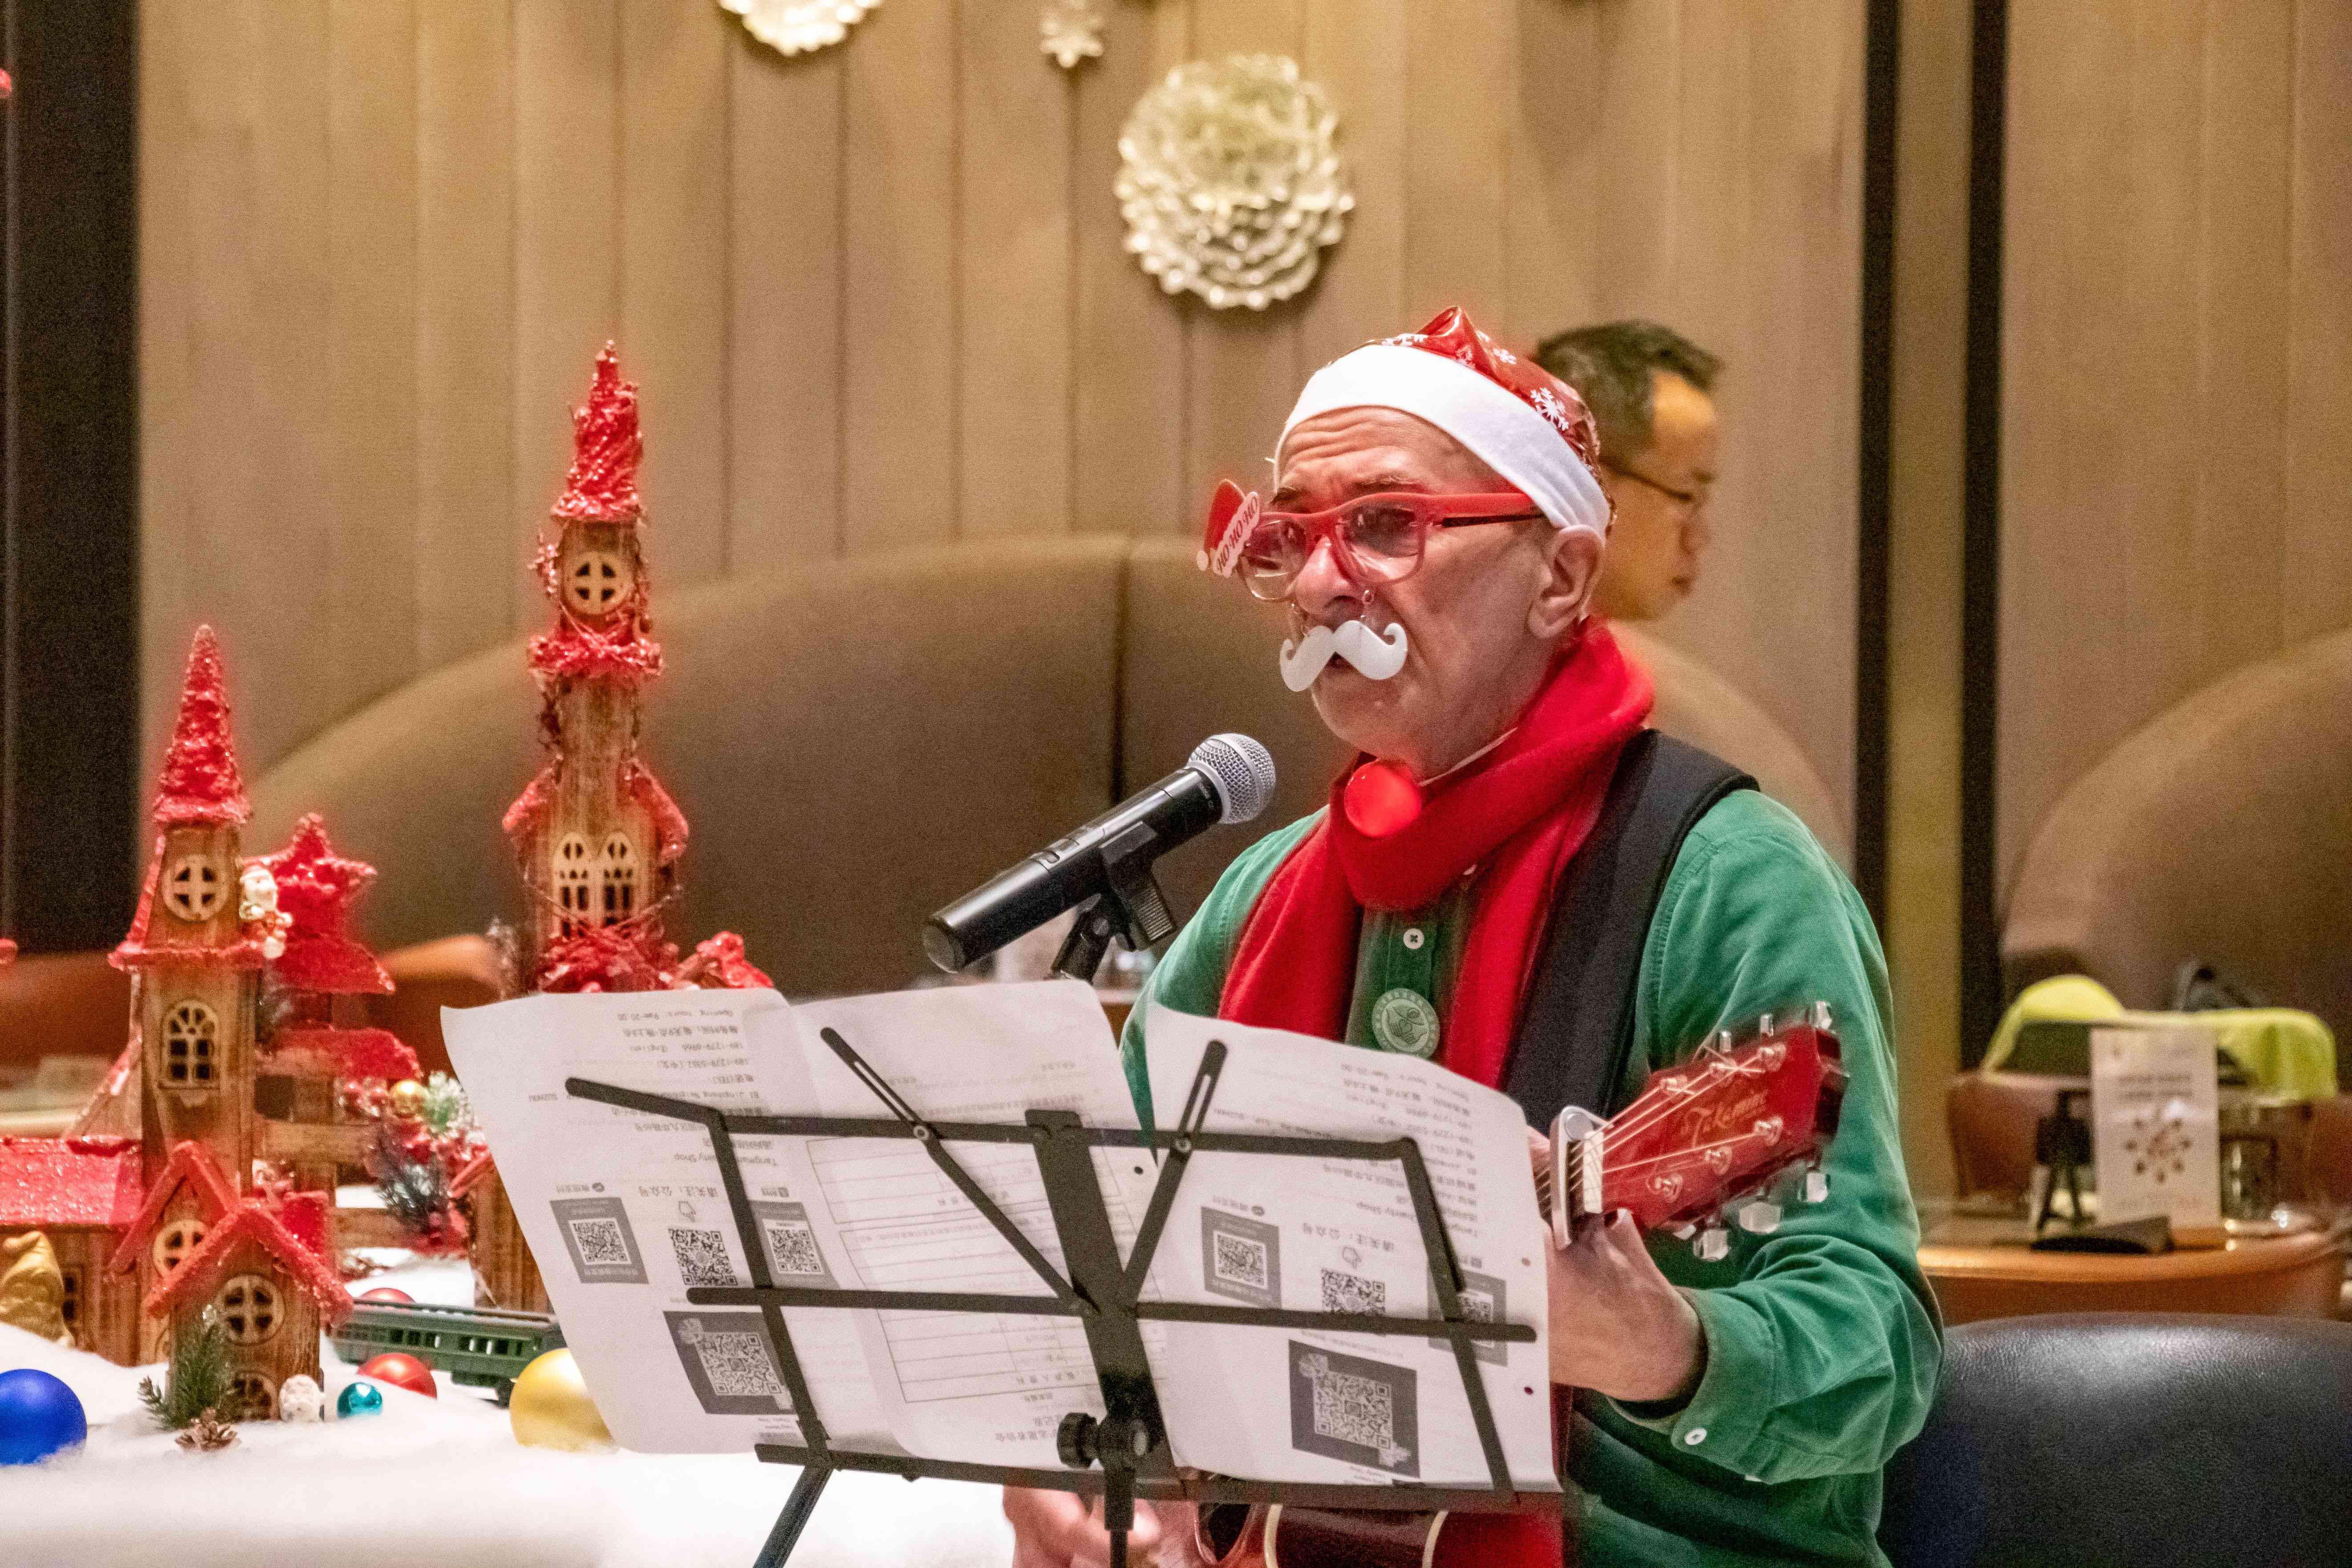 """苏州尼盛万丽酒店""""时光沙漏""""圣诞点灯派对"""